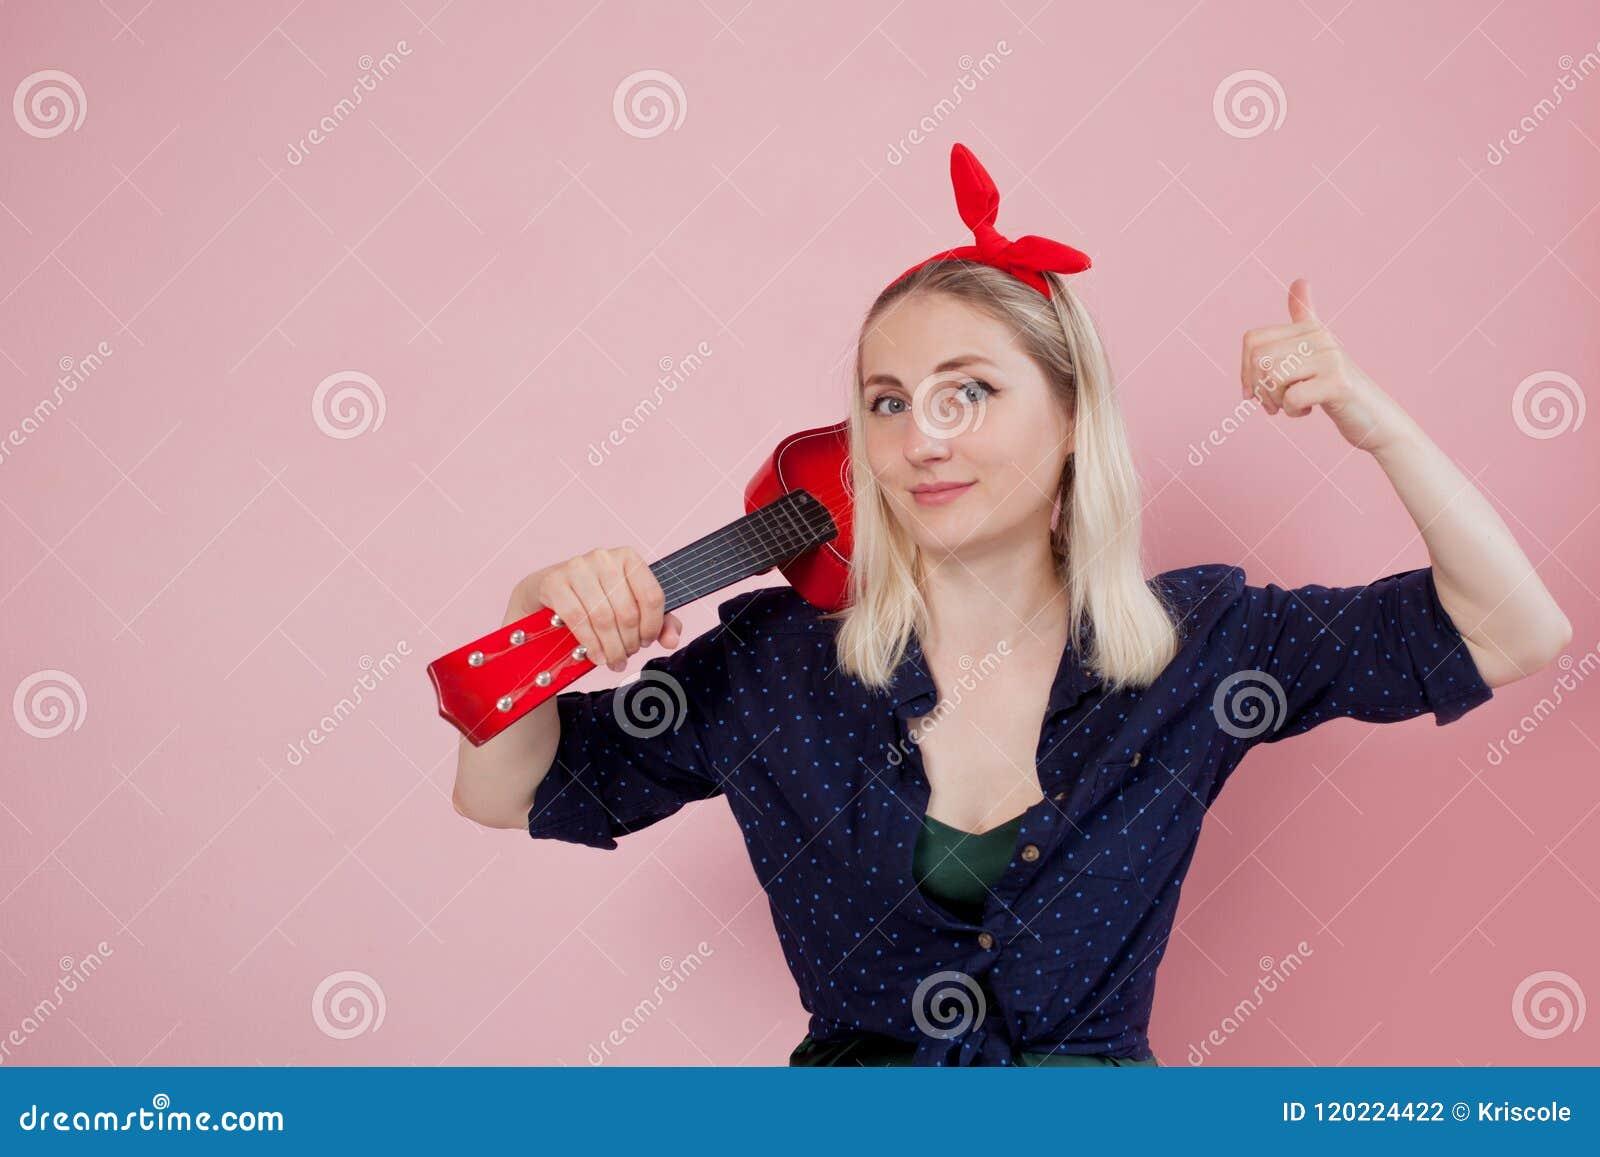 Junge blonde Frau mit einer Ukulele auf Schulter Zeigt sich eine Fingergeste Es ` s groß